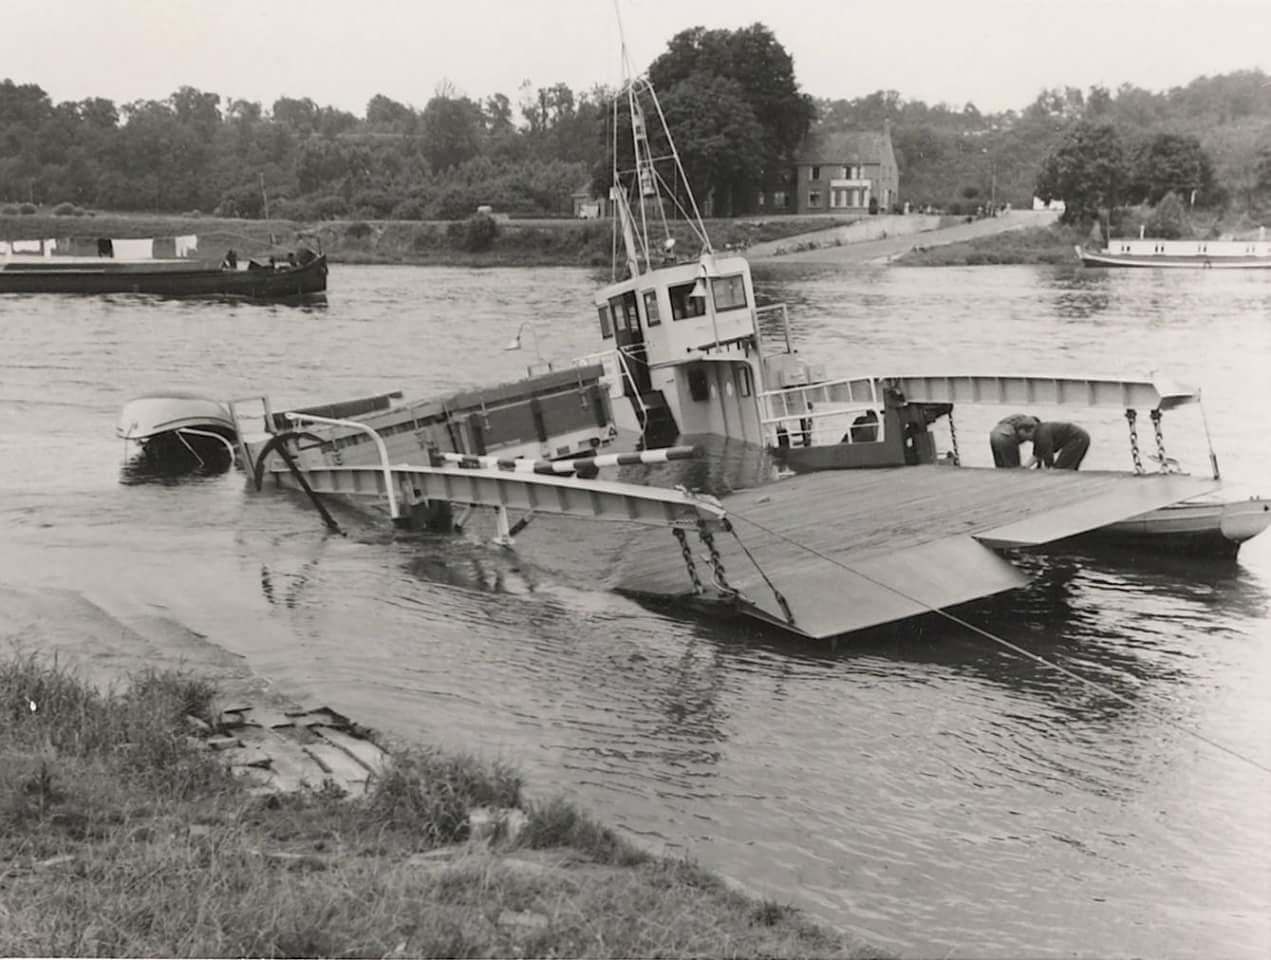 Schade--1957-foto--gemaakt-door-Jac--Rauws-ingezonden-door-Willem-Ruisch-Veerpont-Lexkesveer-Eageningen-Randwijk-1hade-